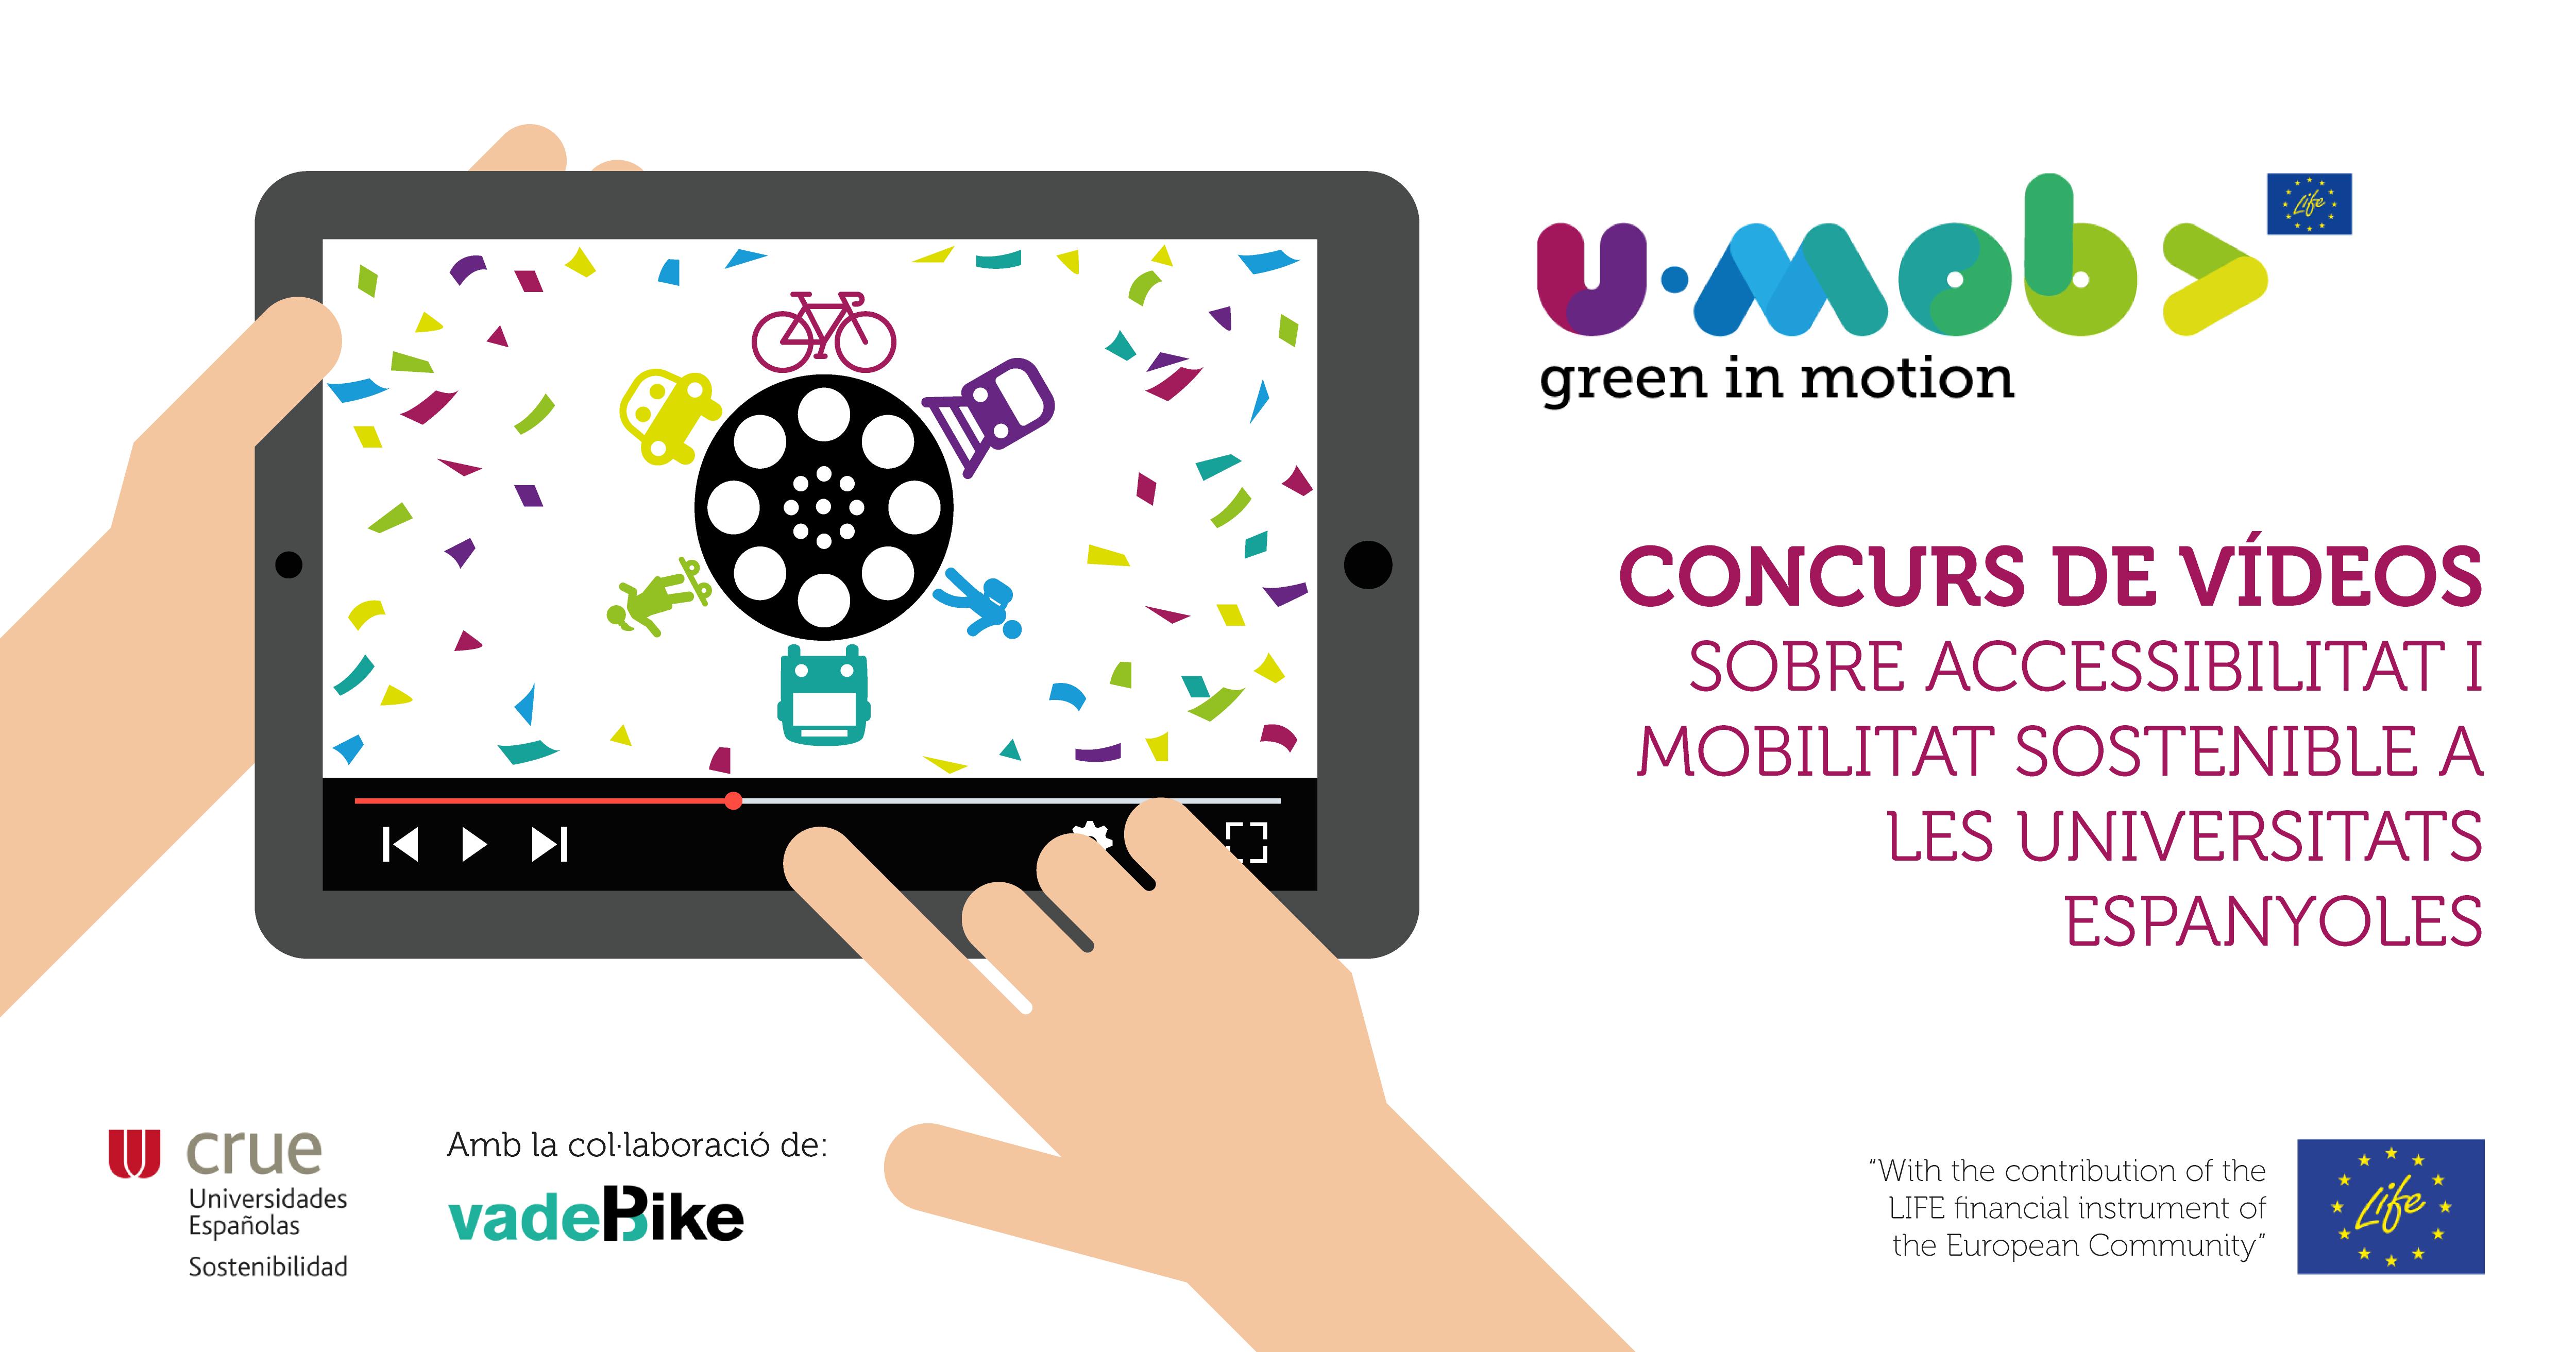 gestiosostenible_mobilitat_concurs-video-universitats.png